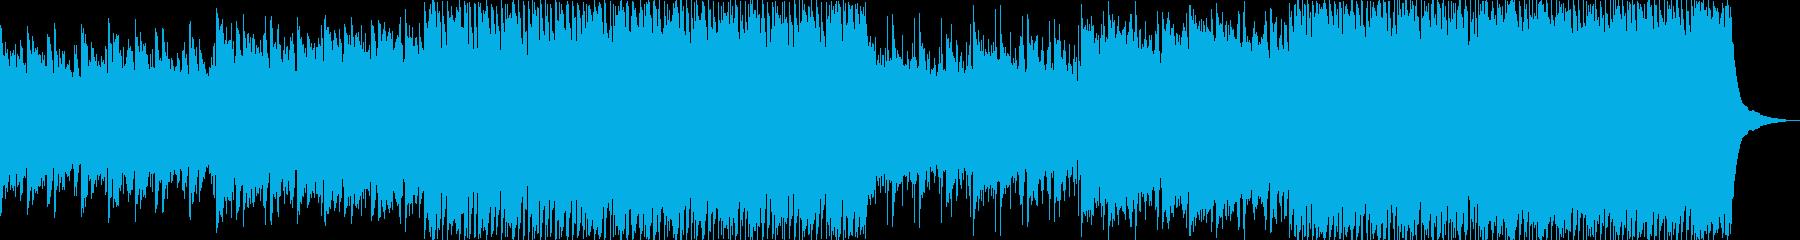 Inspiring Vibrationsの再生済みの波形